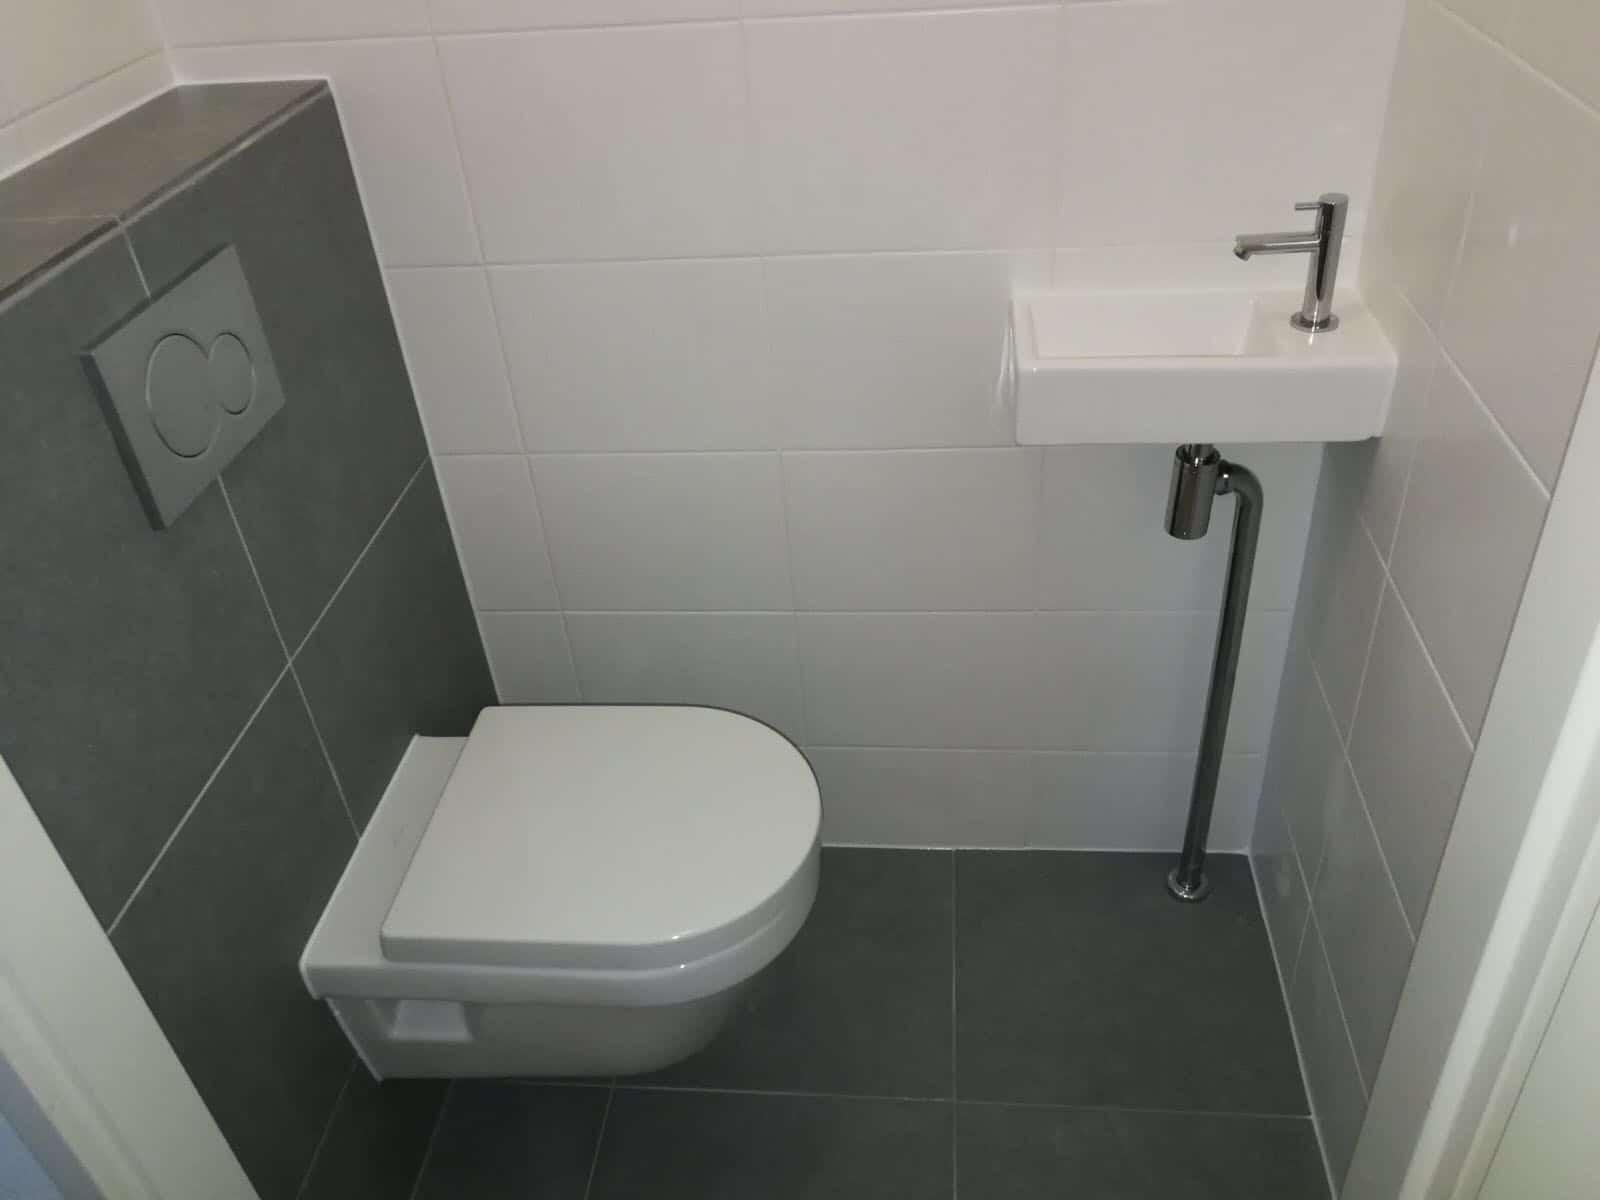 Toilet Renovatie Kosten : Renovatie toilet nieuwe tegels en wandafwerking